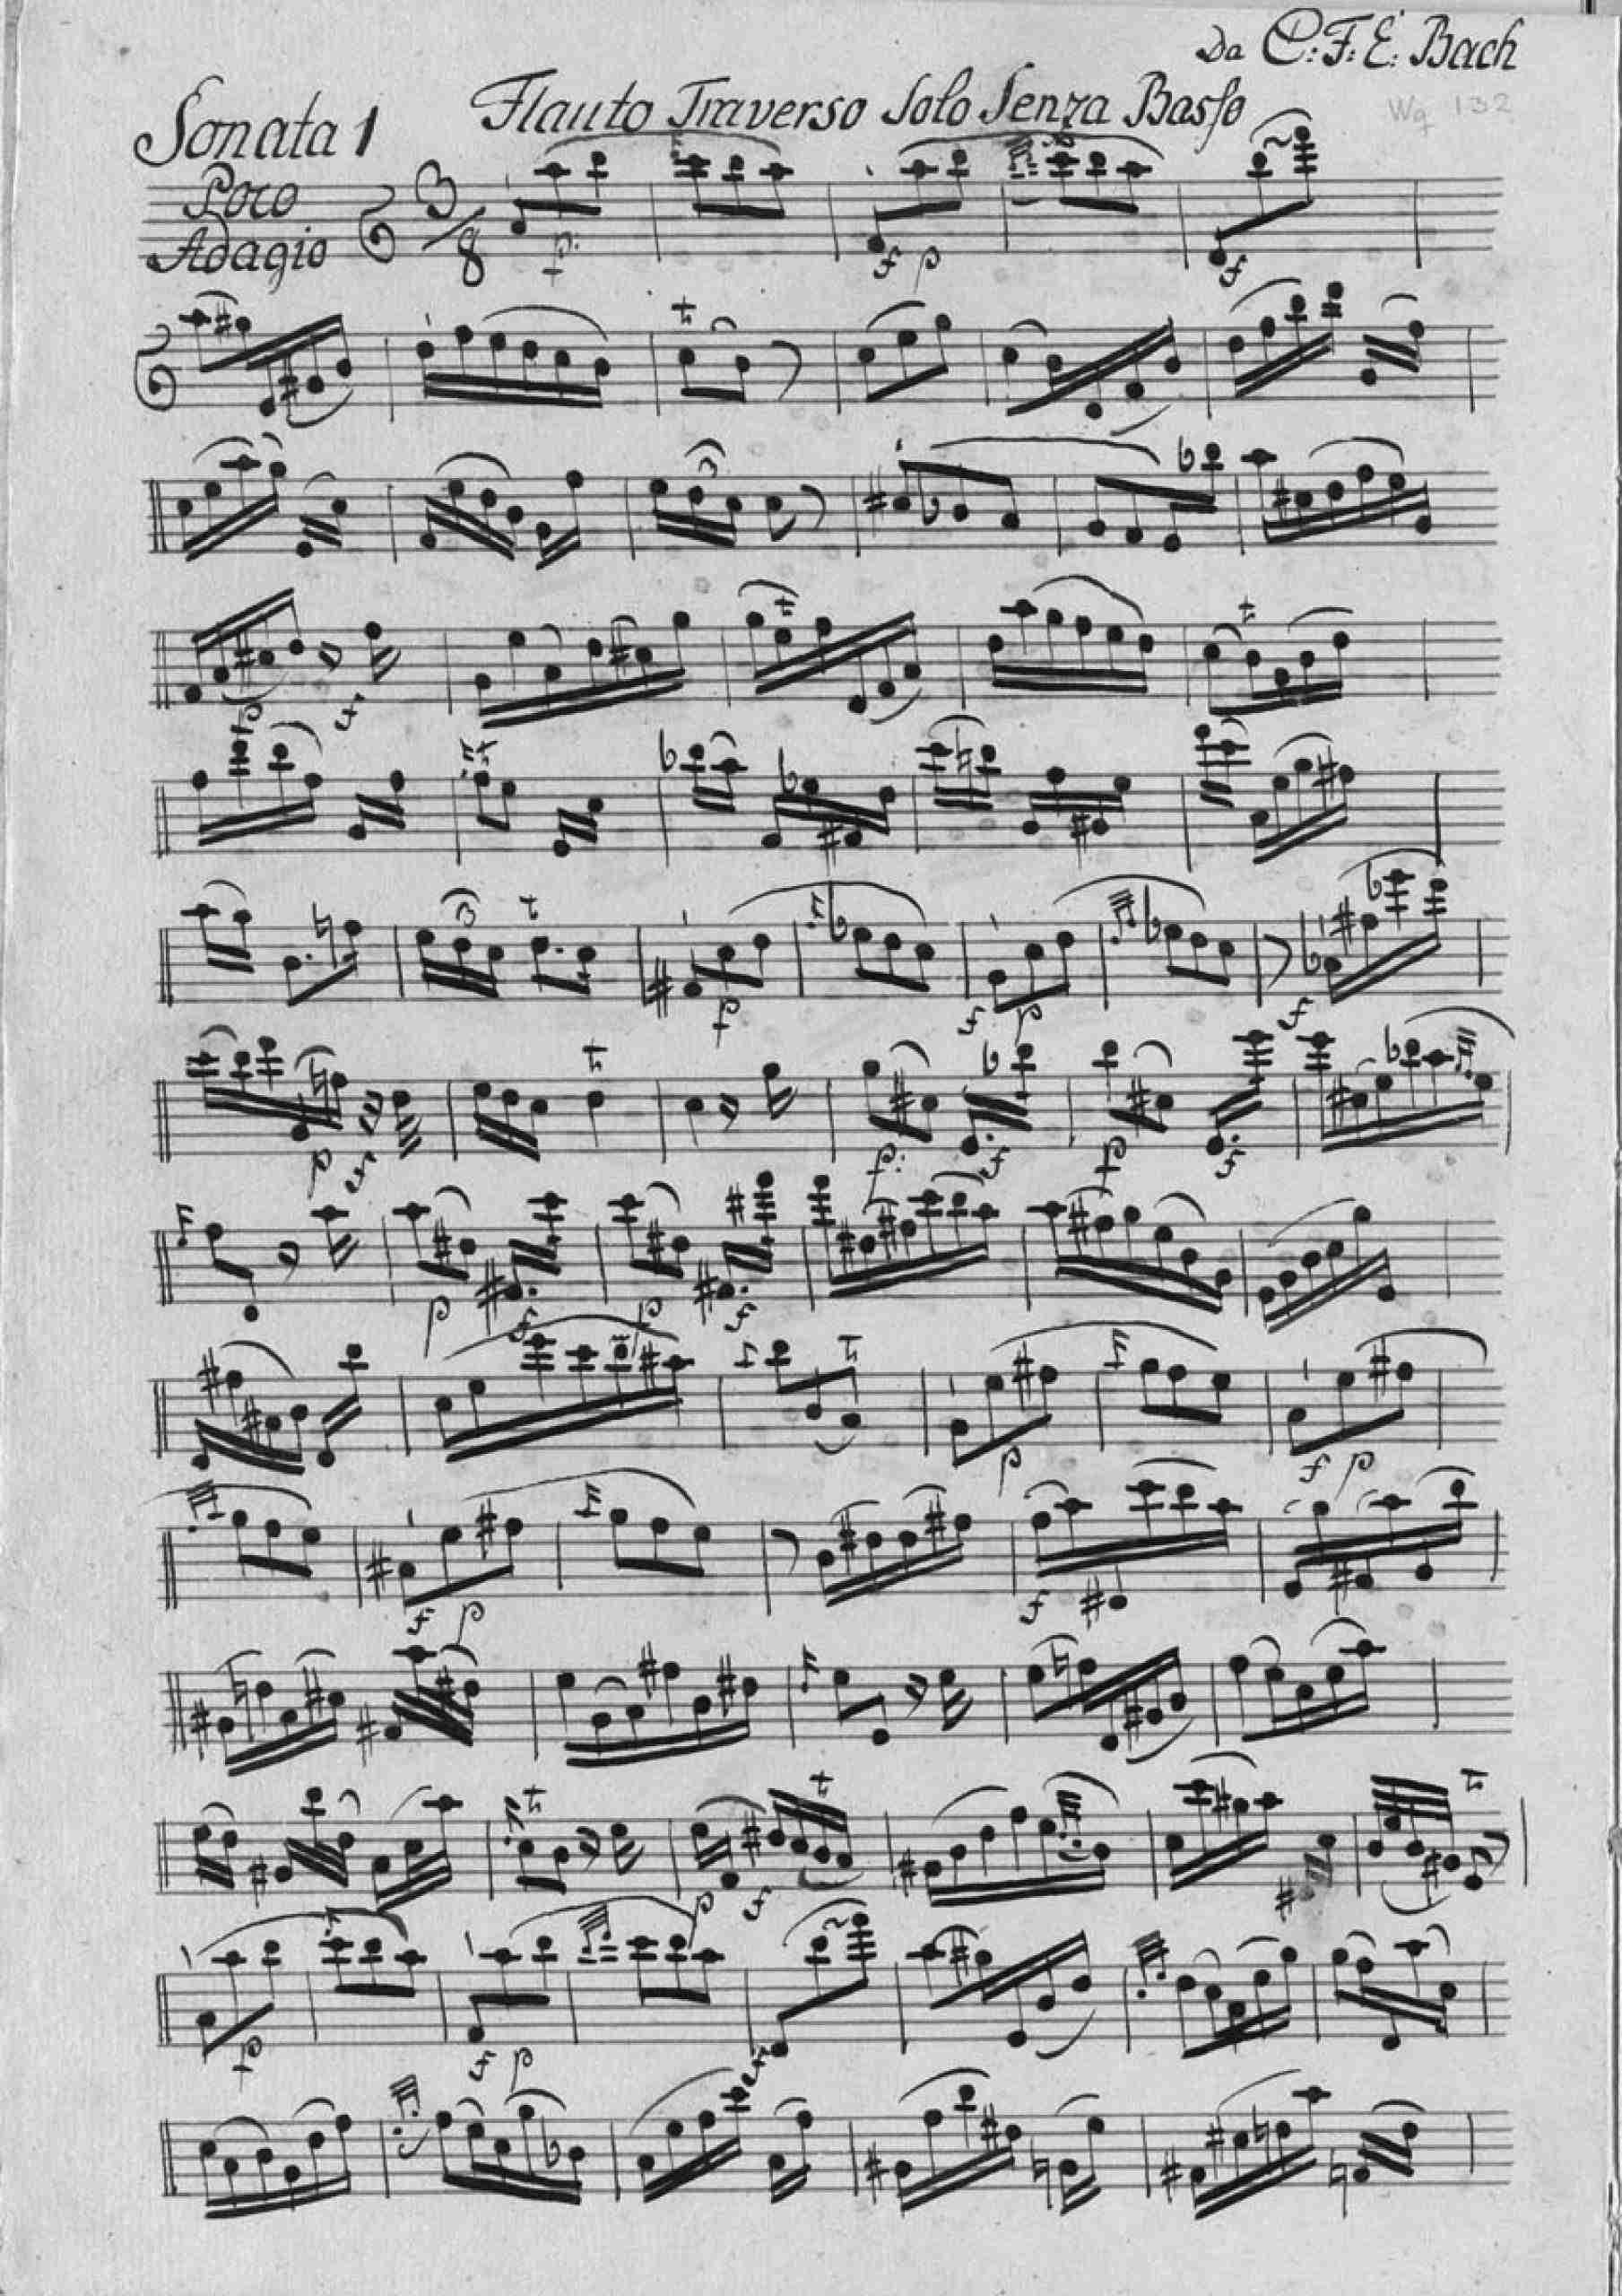 Bach, Carl Philipp Emanuel - Flute Sonata in A minor, H.562